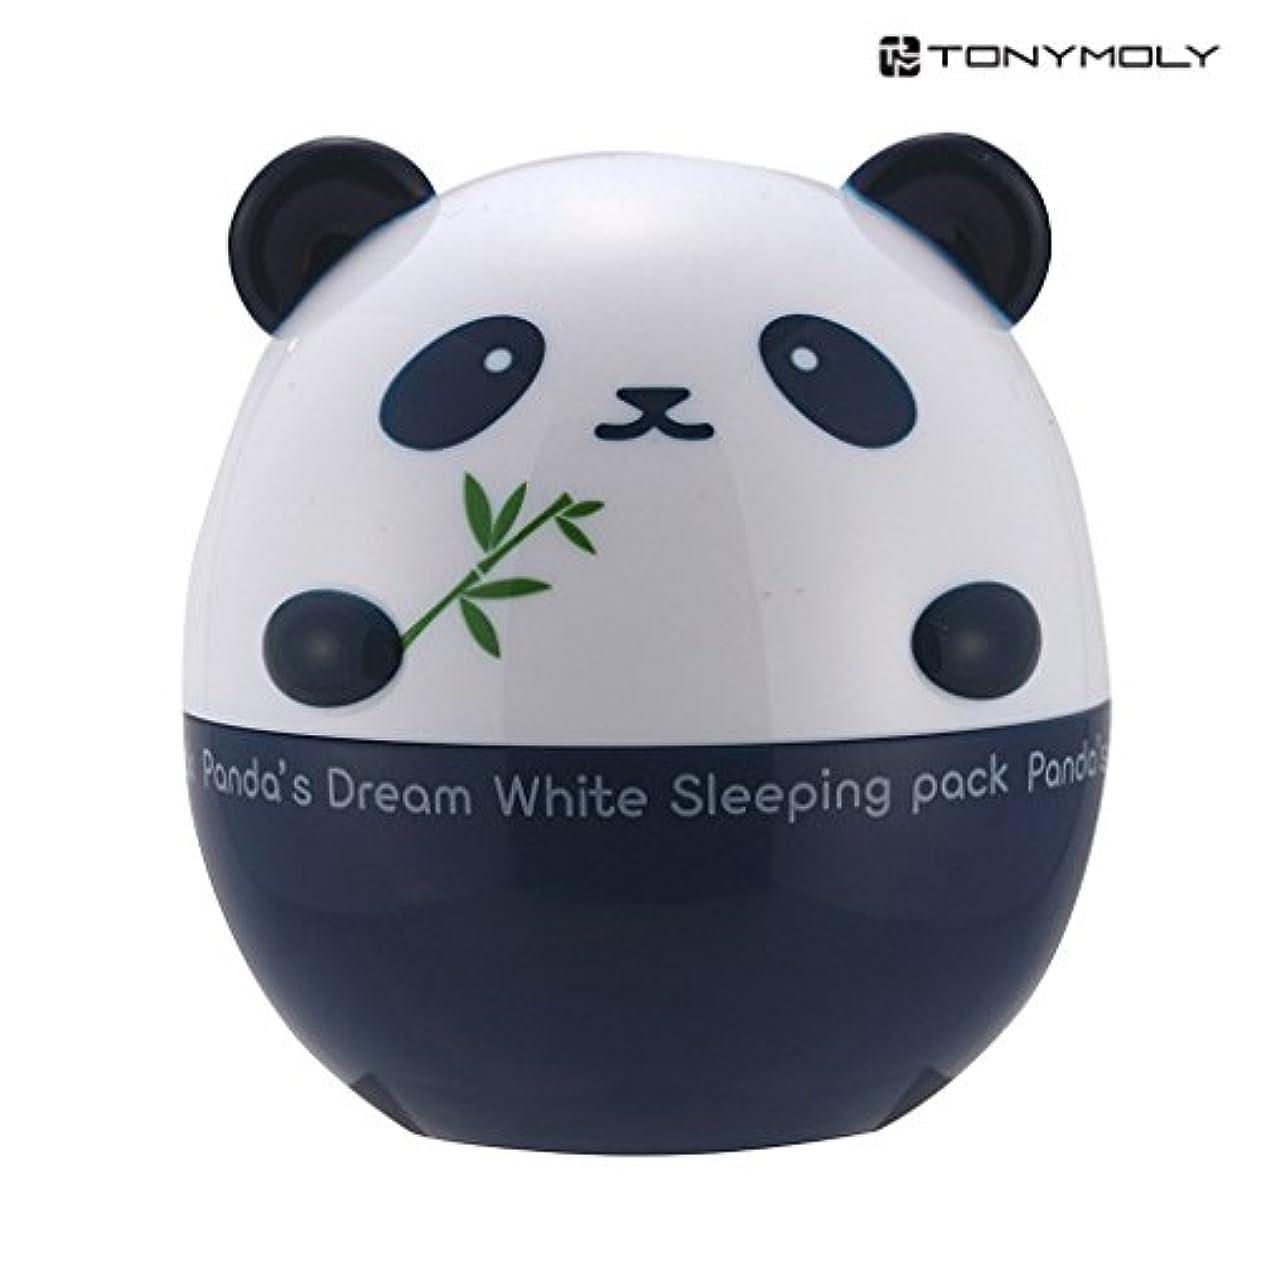 雑品読み書きのできないパールTonyMoly トニーモリー パンダズ?ドリーム?ホワイト?スリーピング?パック 50g (Panda`s Dream White Sleeping Pack) 海外直送品